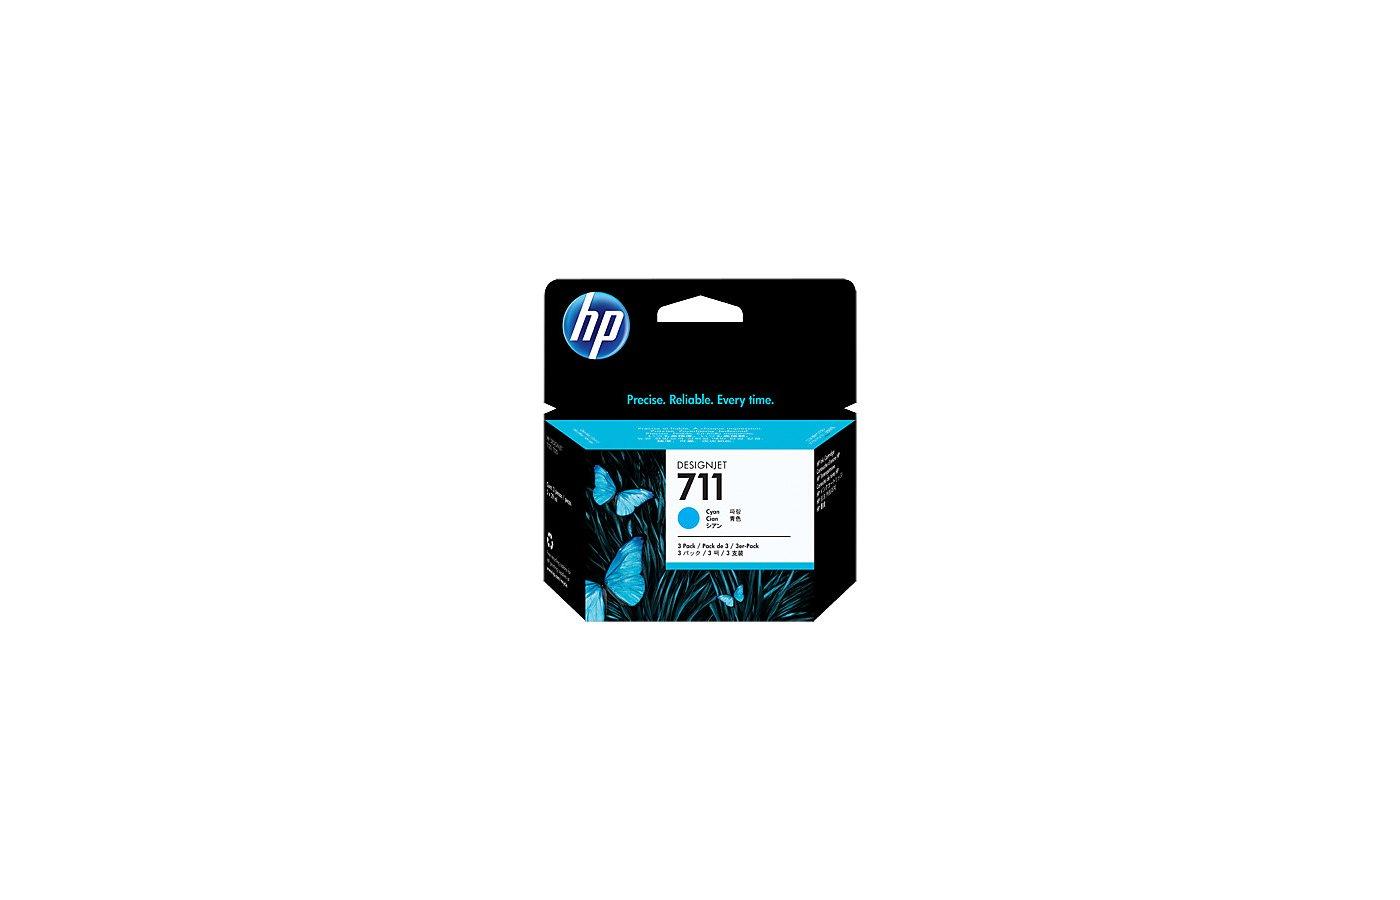 Картридж струйный HP 711 CZ134A голубой x3уп. для HP DJ T120/T520 (29мл)